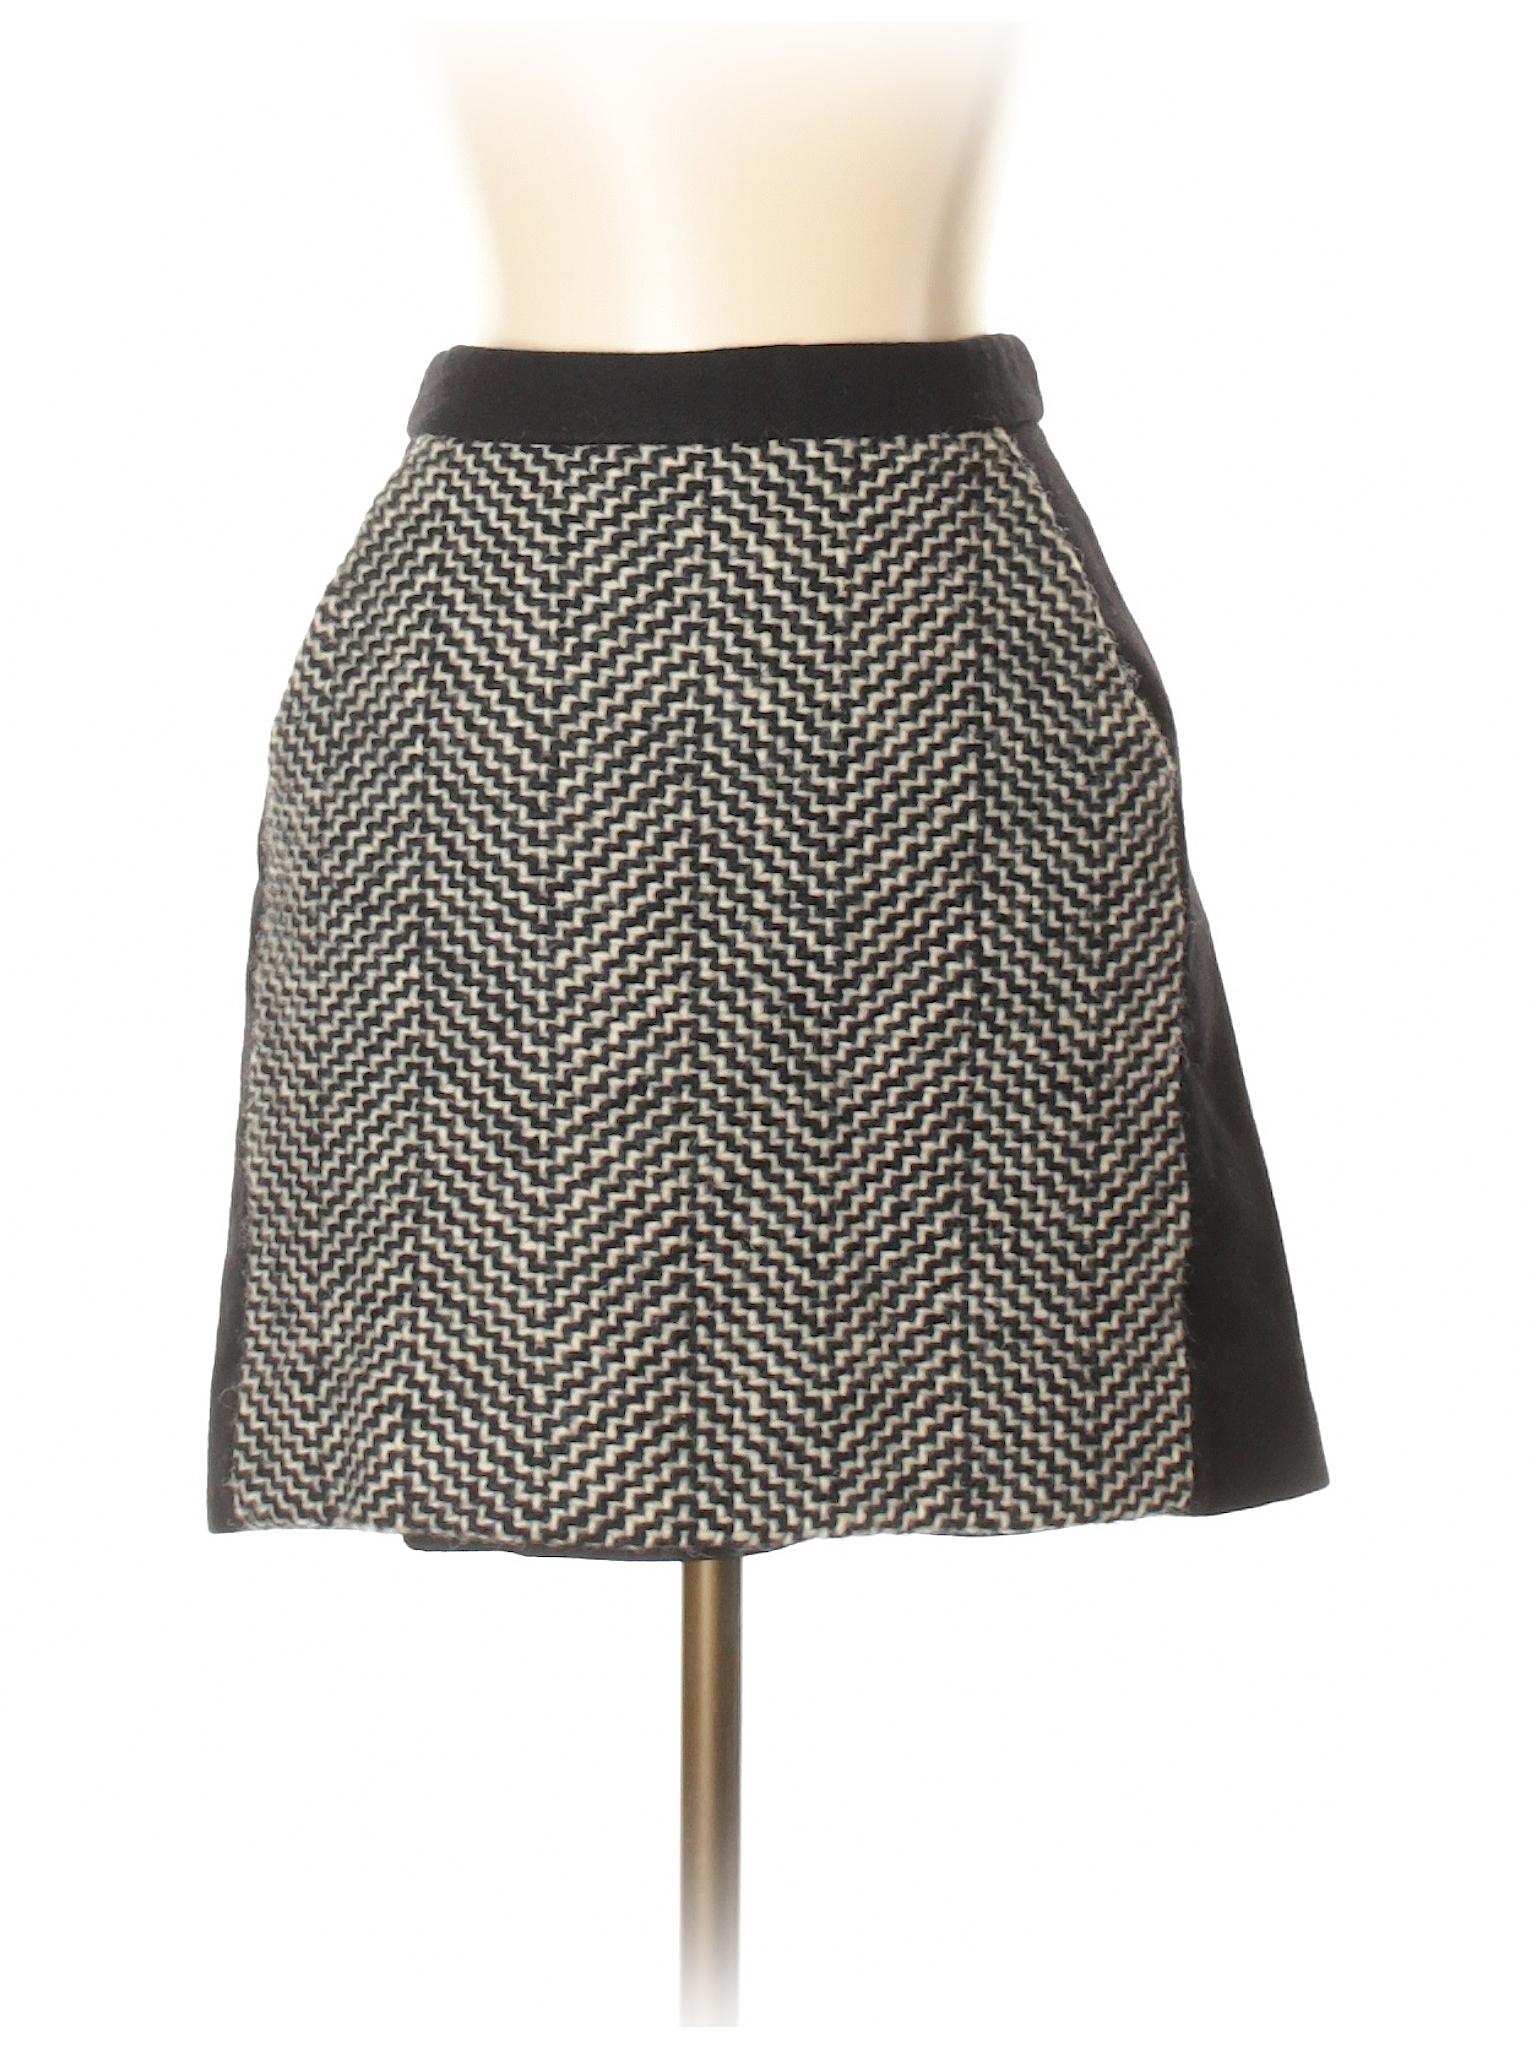 Skirt Wool Wool Skirt Wool Wool Boutique Boutique Boutique Skirt Boutique Boutique Skirt Wool Skirt BWBOqzarY